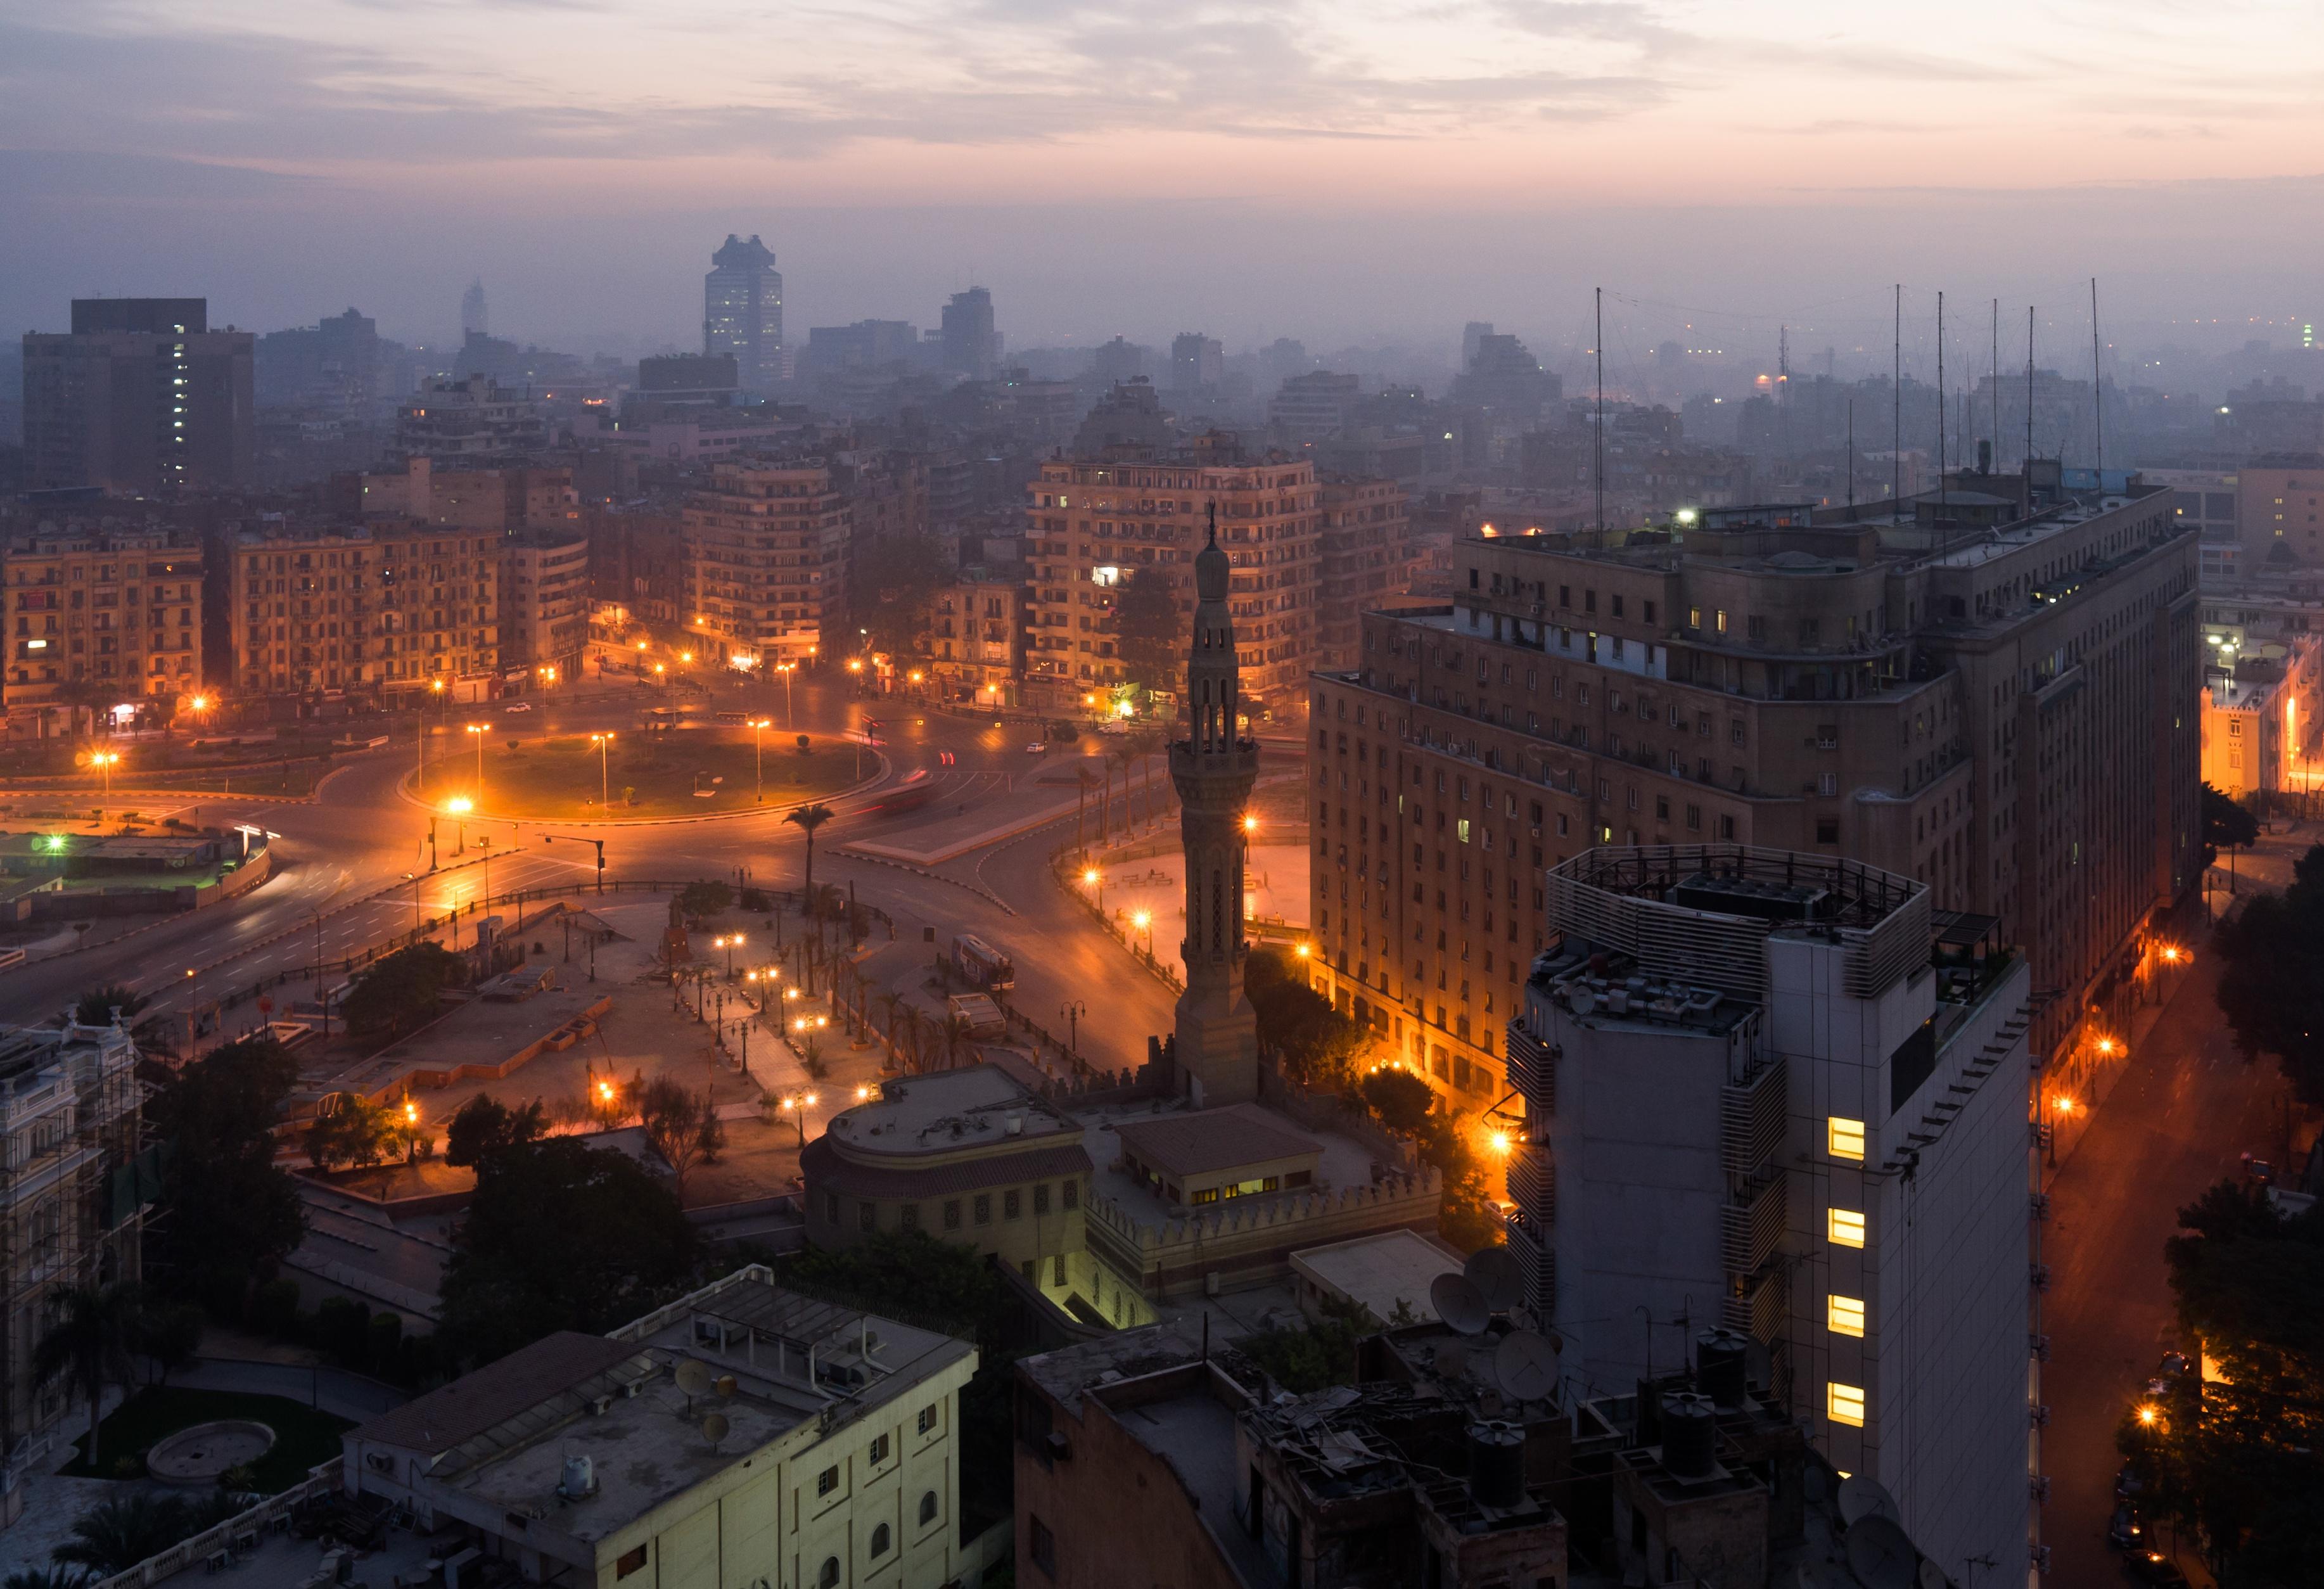 القائمة الكاملة للمستثمرين المصريين في الشركات الناشئة